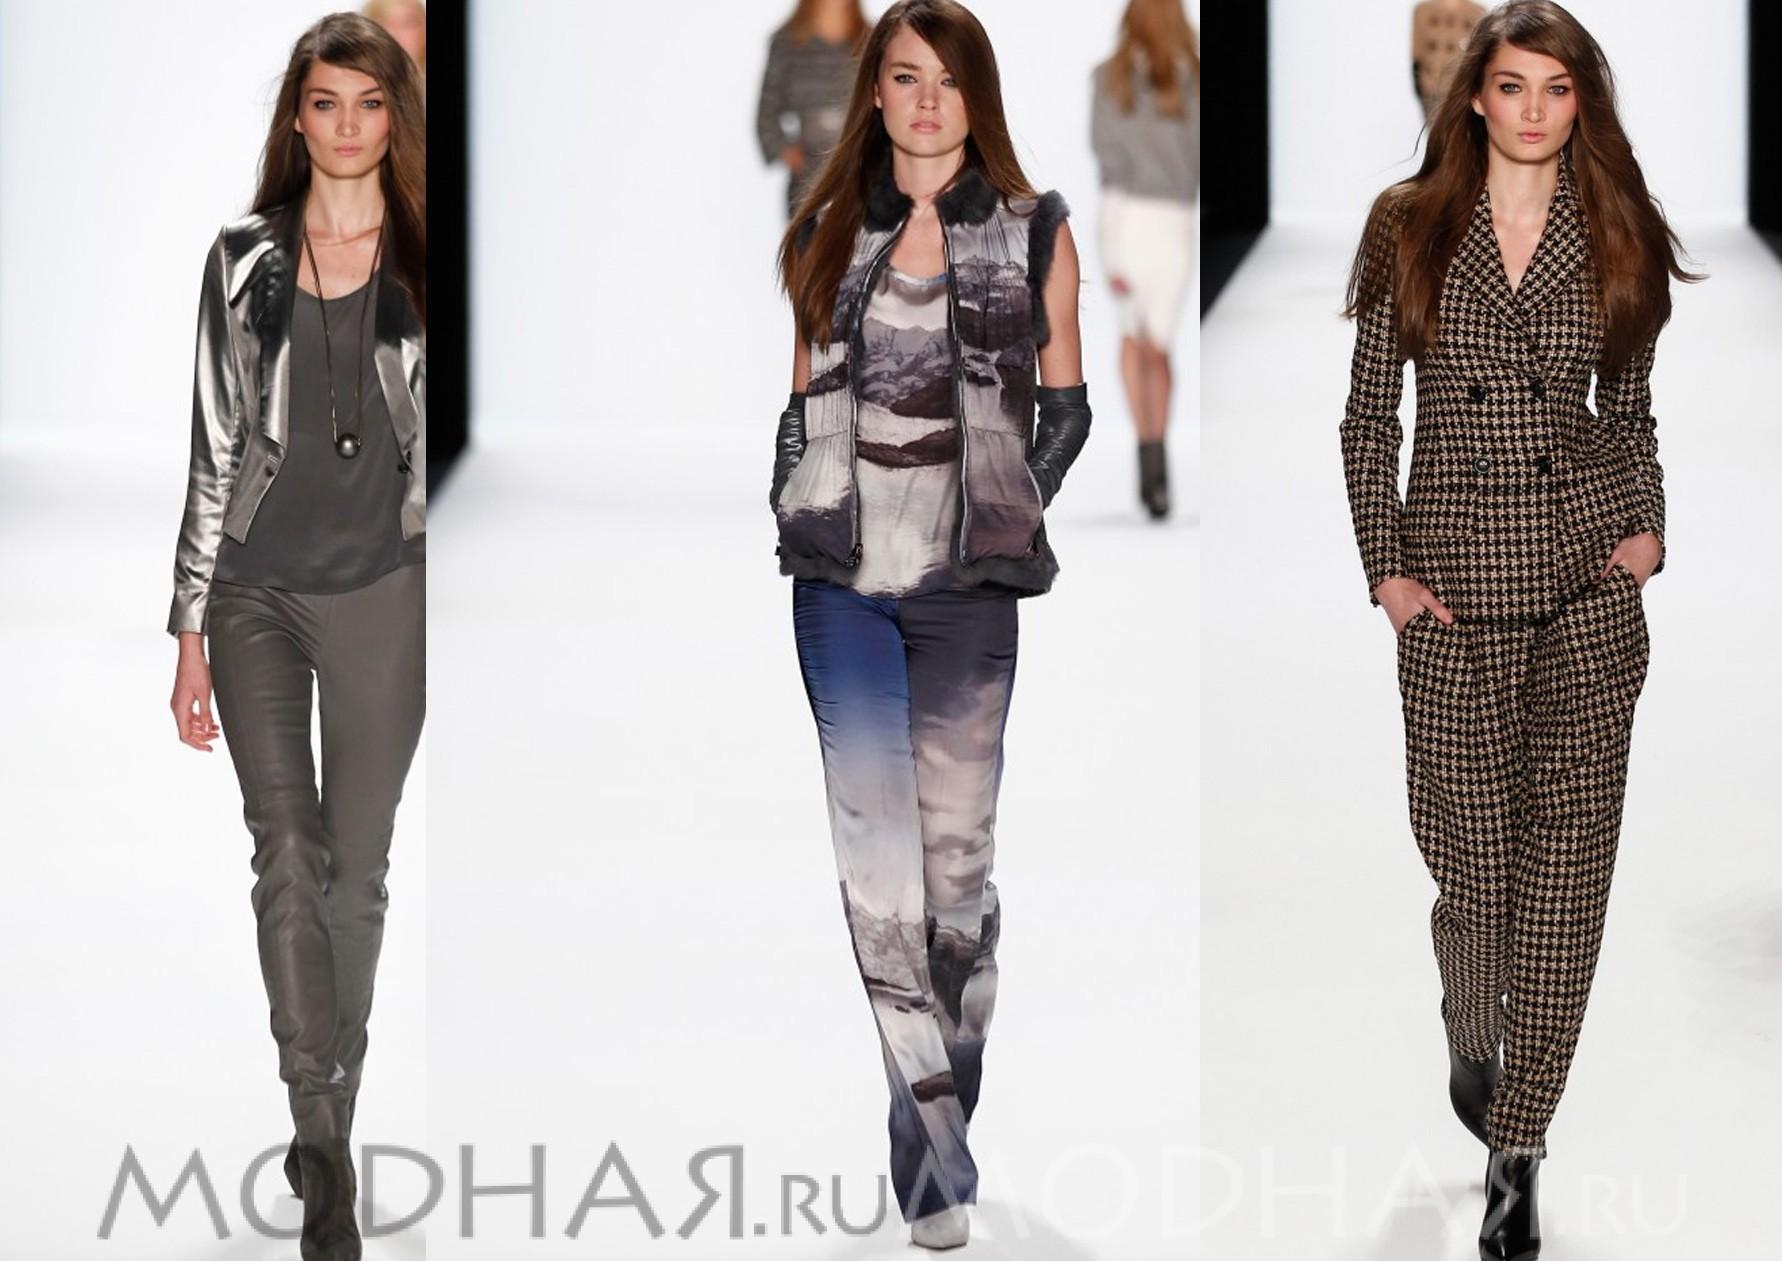 Модные Костюмы Женские 2015 Доставка